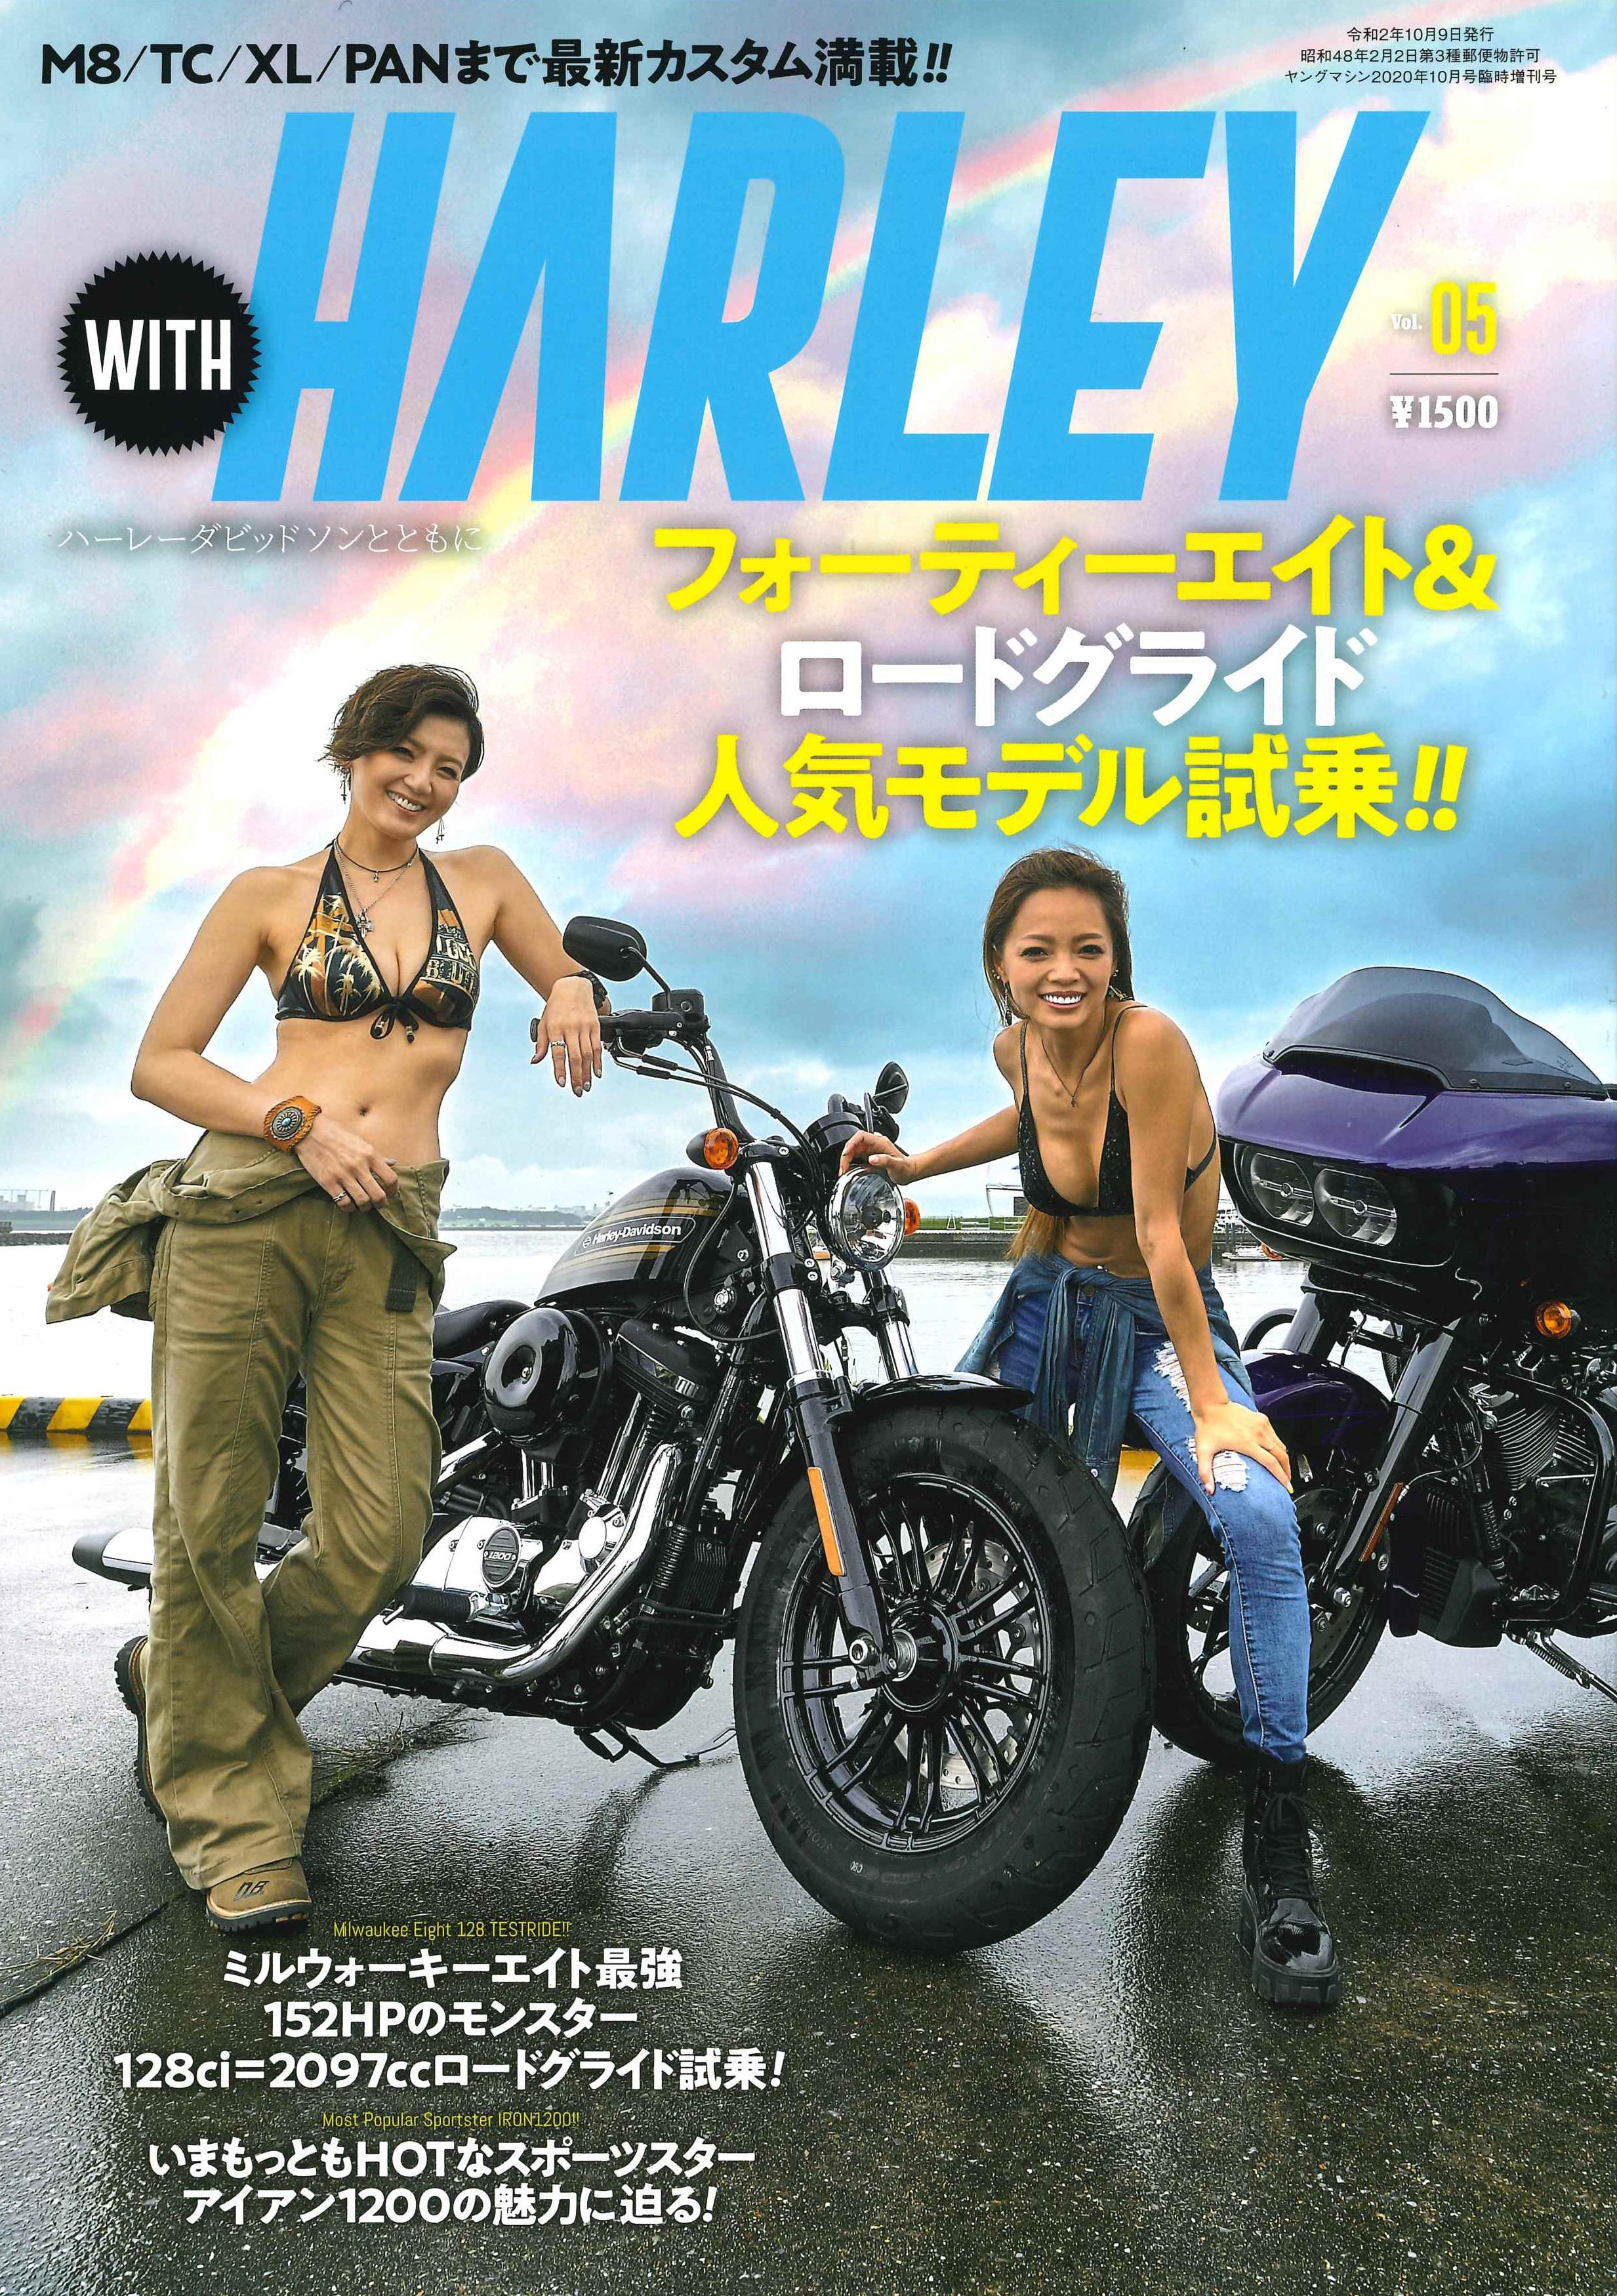 【with HARLEY vol.5掲載】『ヘルメットアタッチメントSHOEI用』『B+COM最新アップデート』